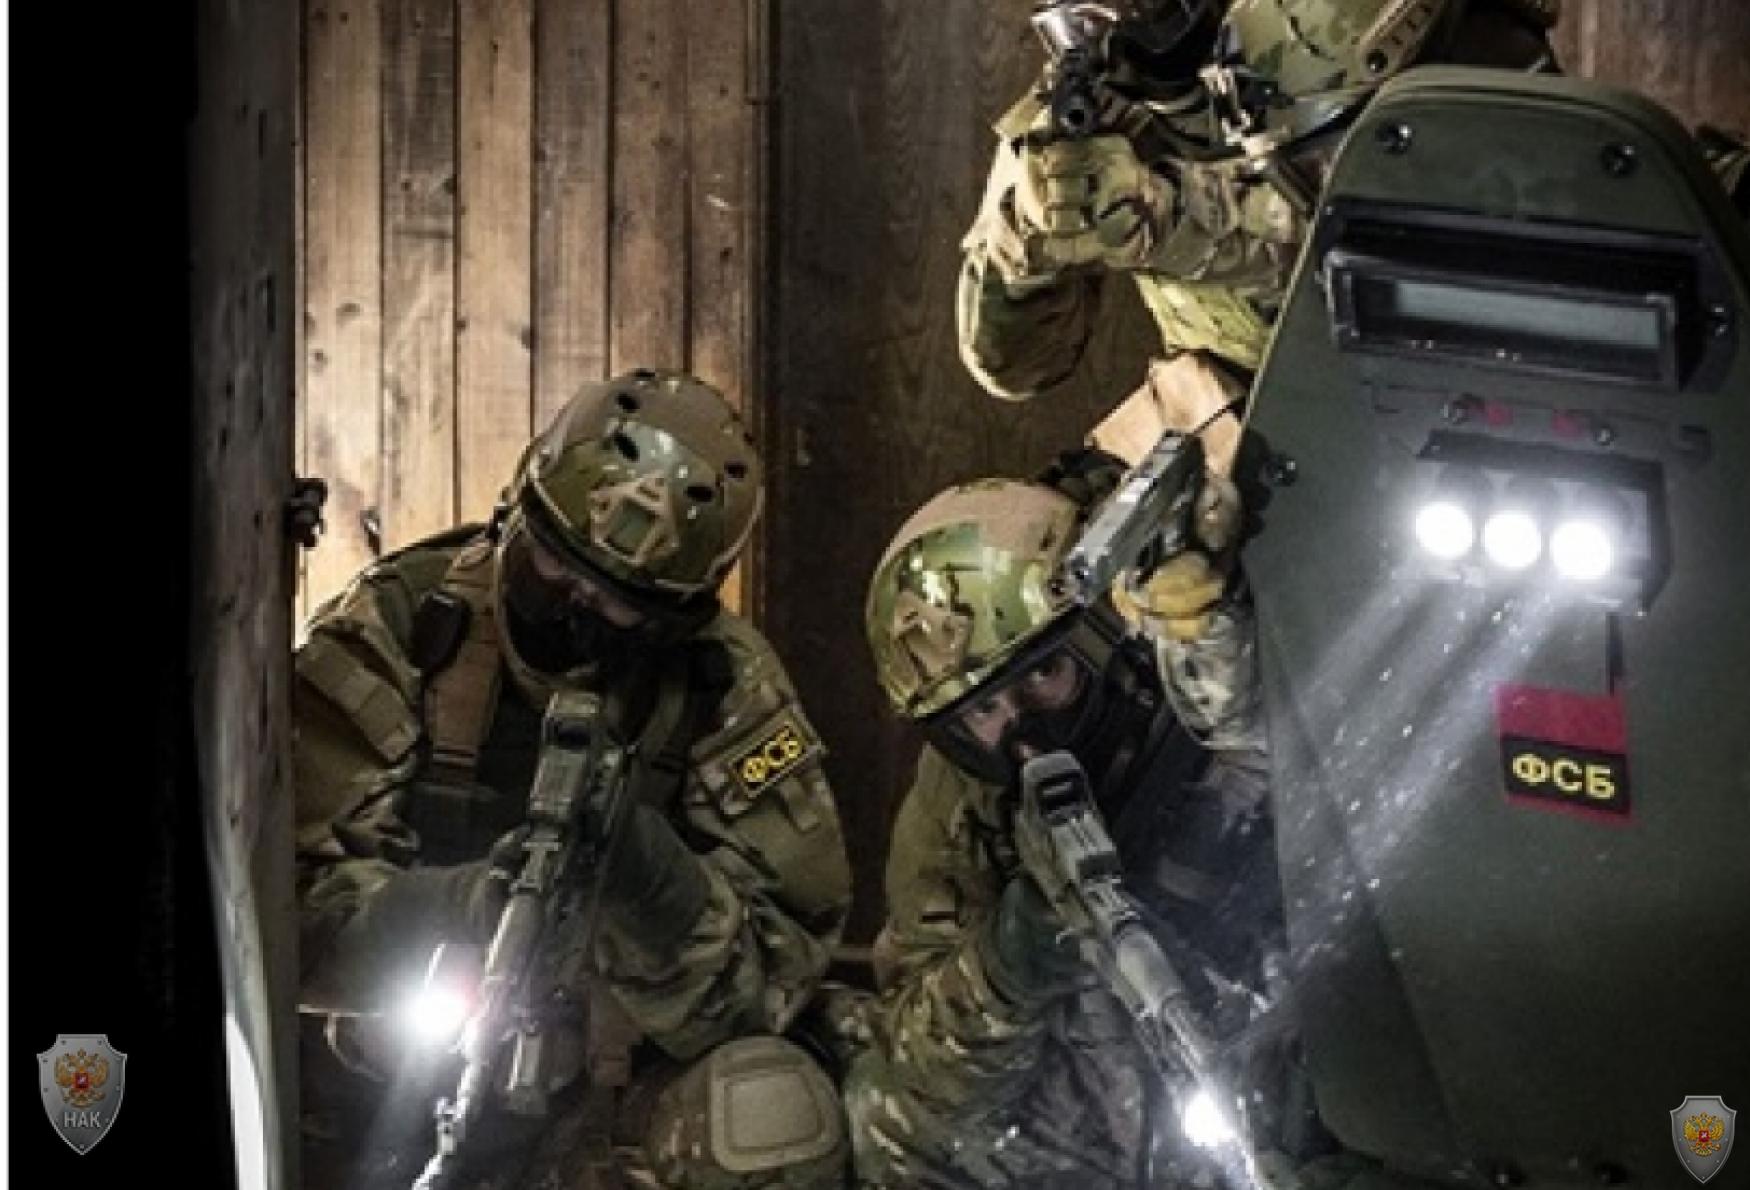 Будни ведомственного спецназа. Фото: из архивов ФСБ РФ